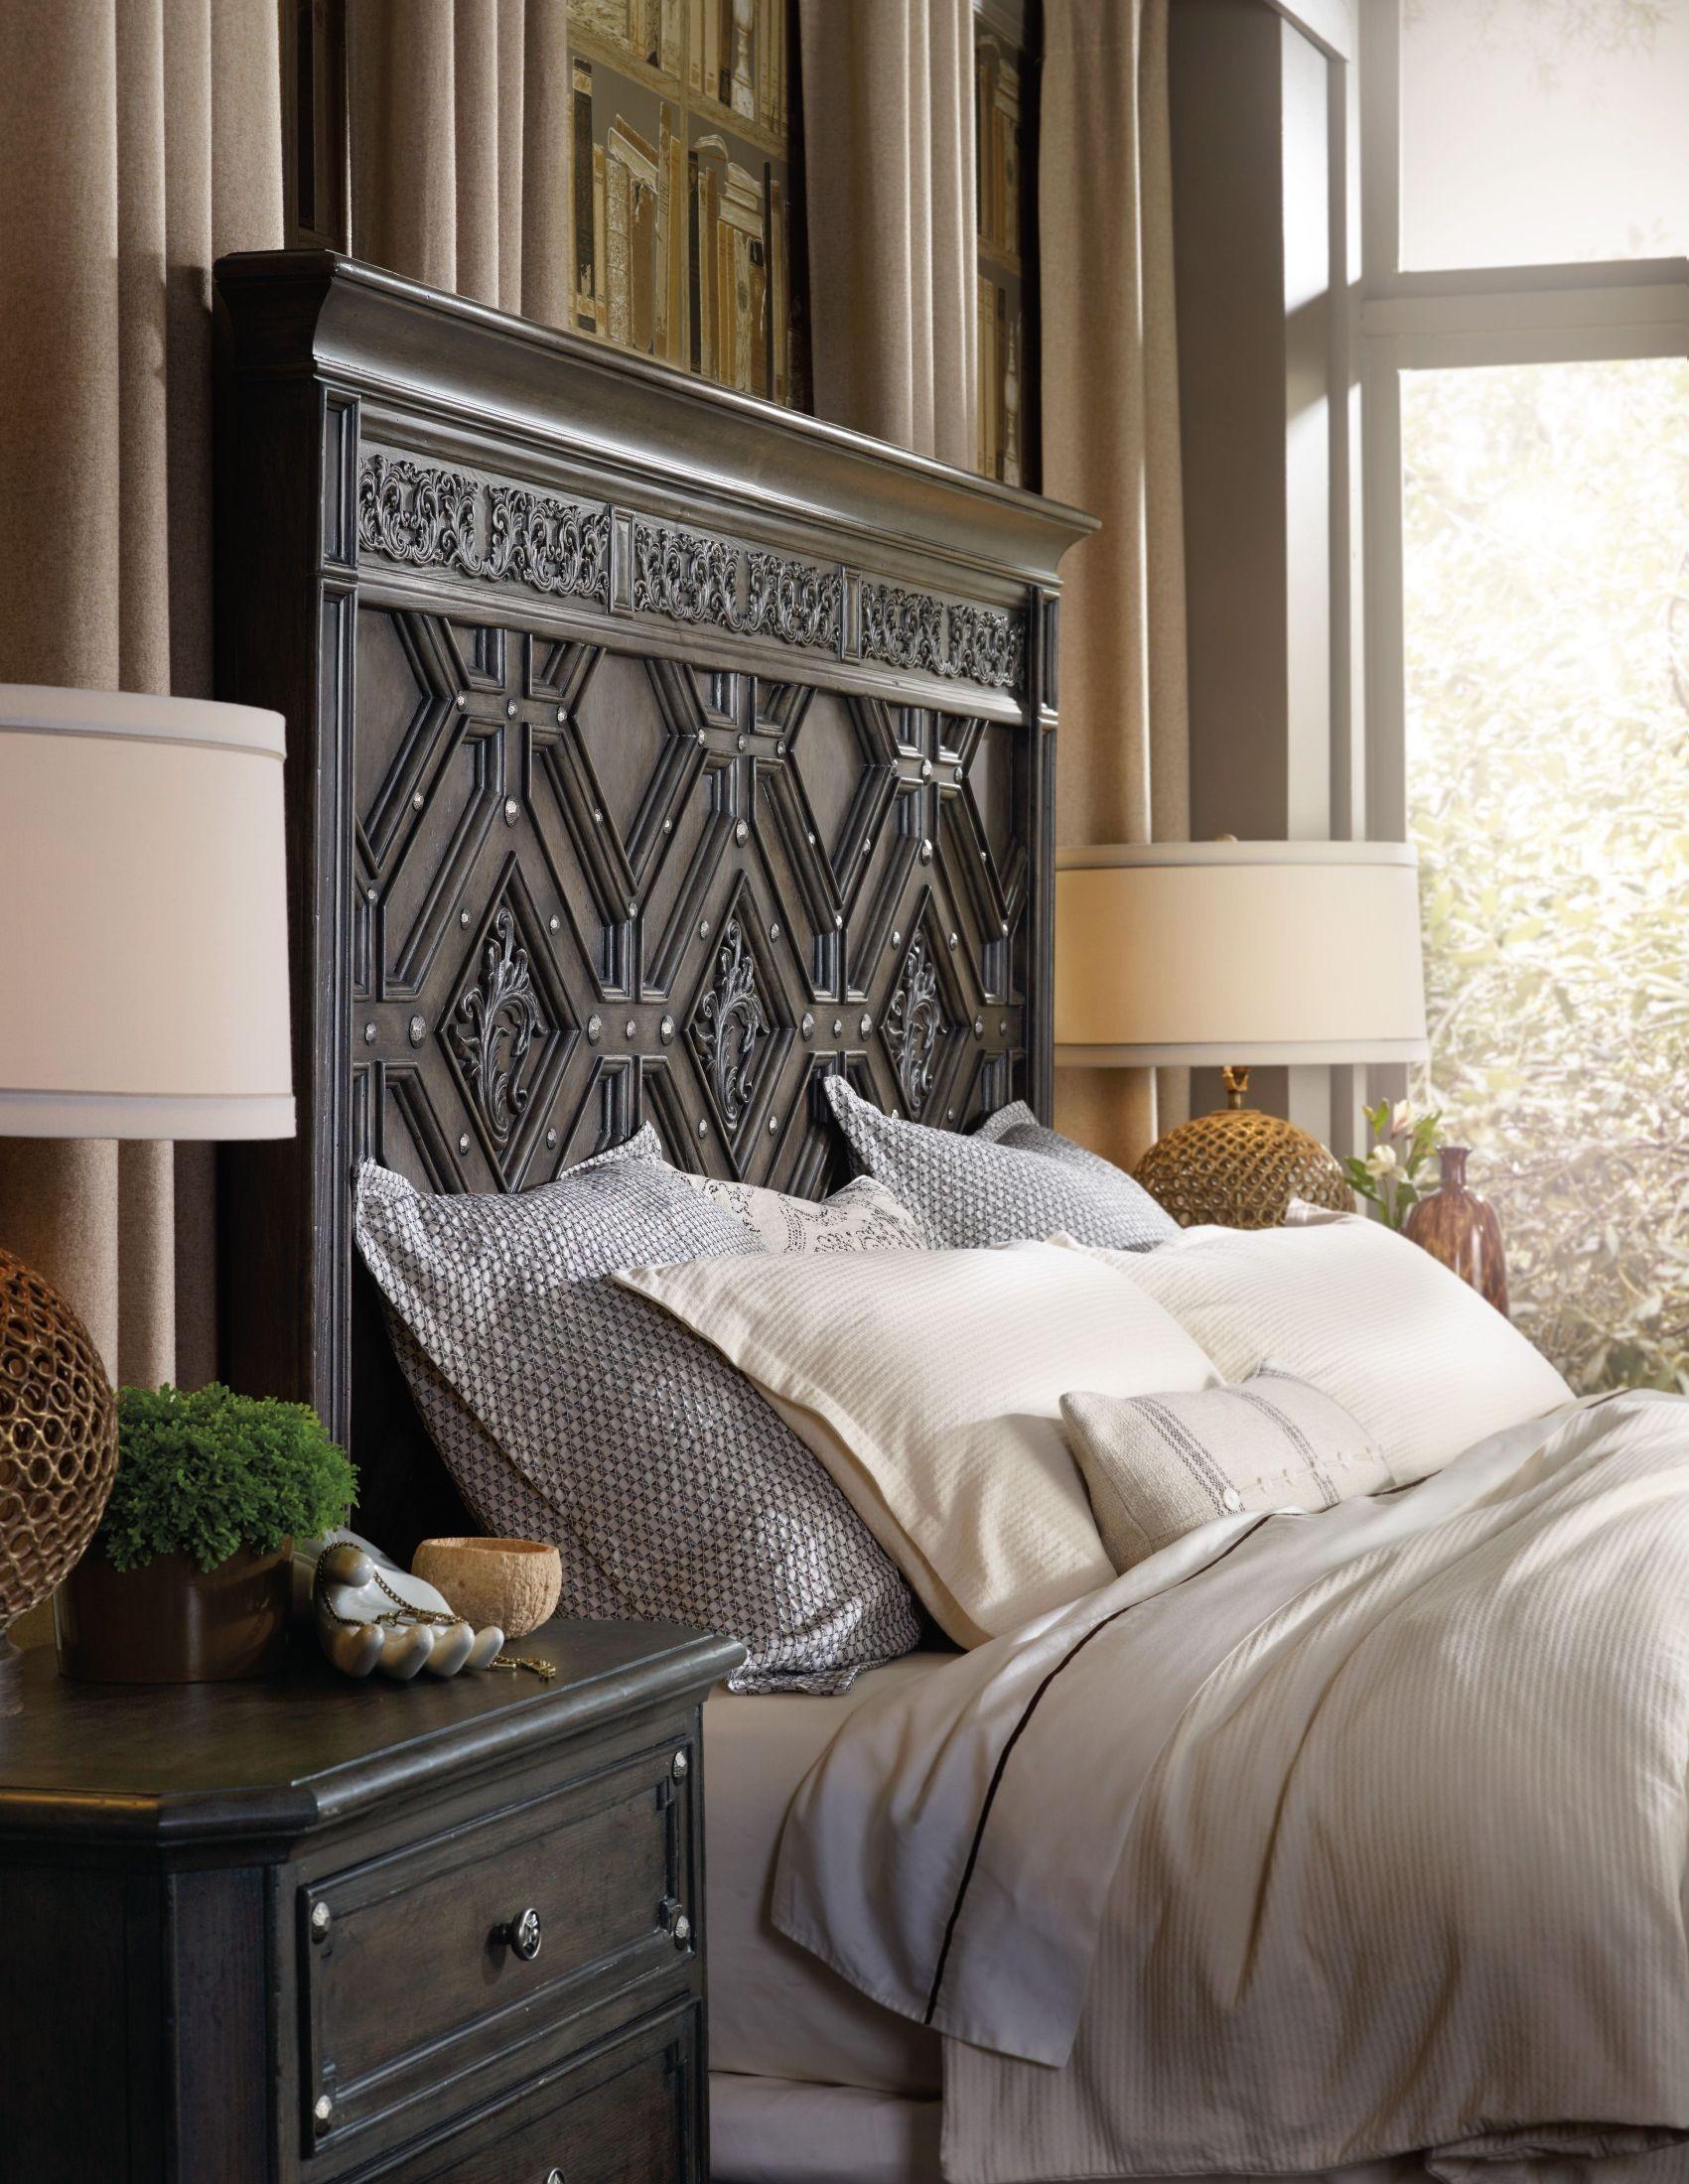 Vintage West Charcoal Gray Wood Panel Bedroom Set 5700 90266 Hooker Furniture